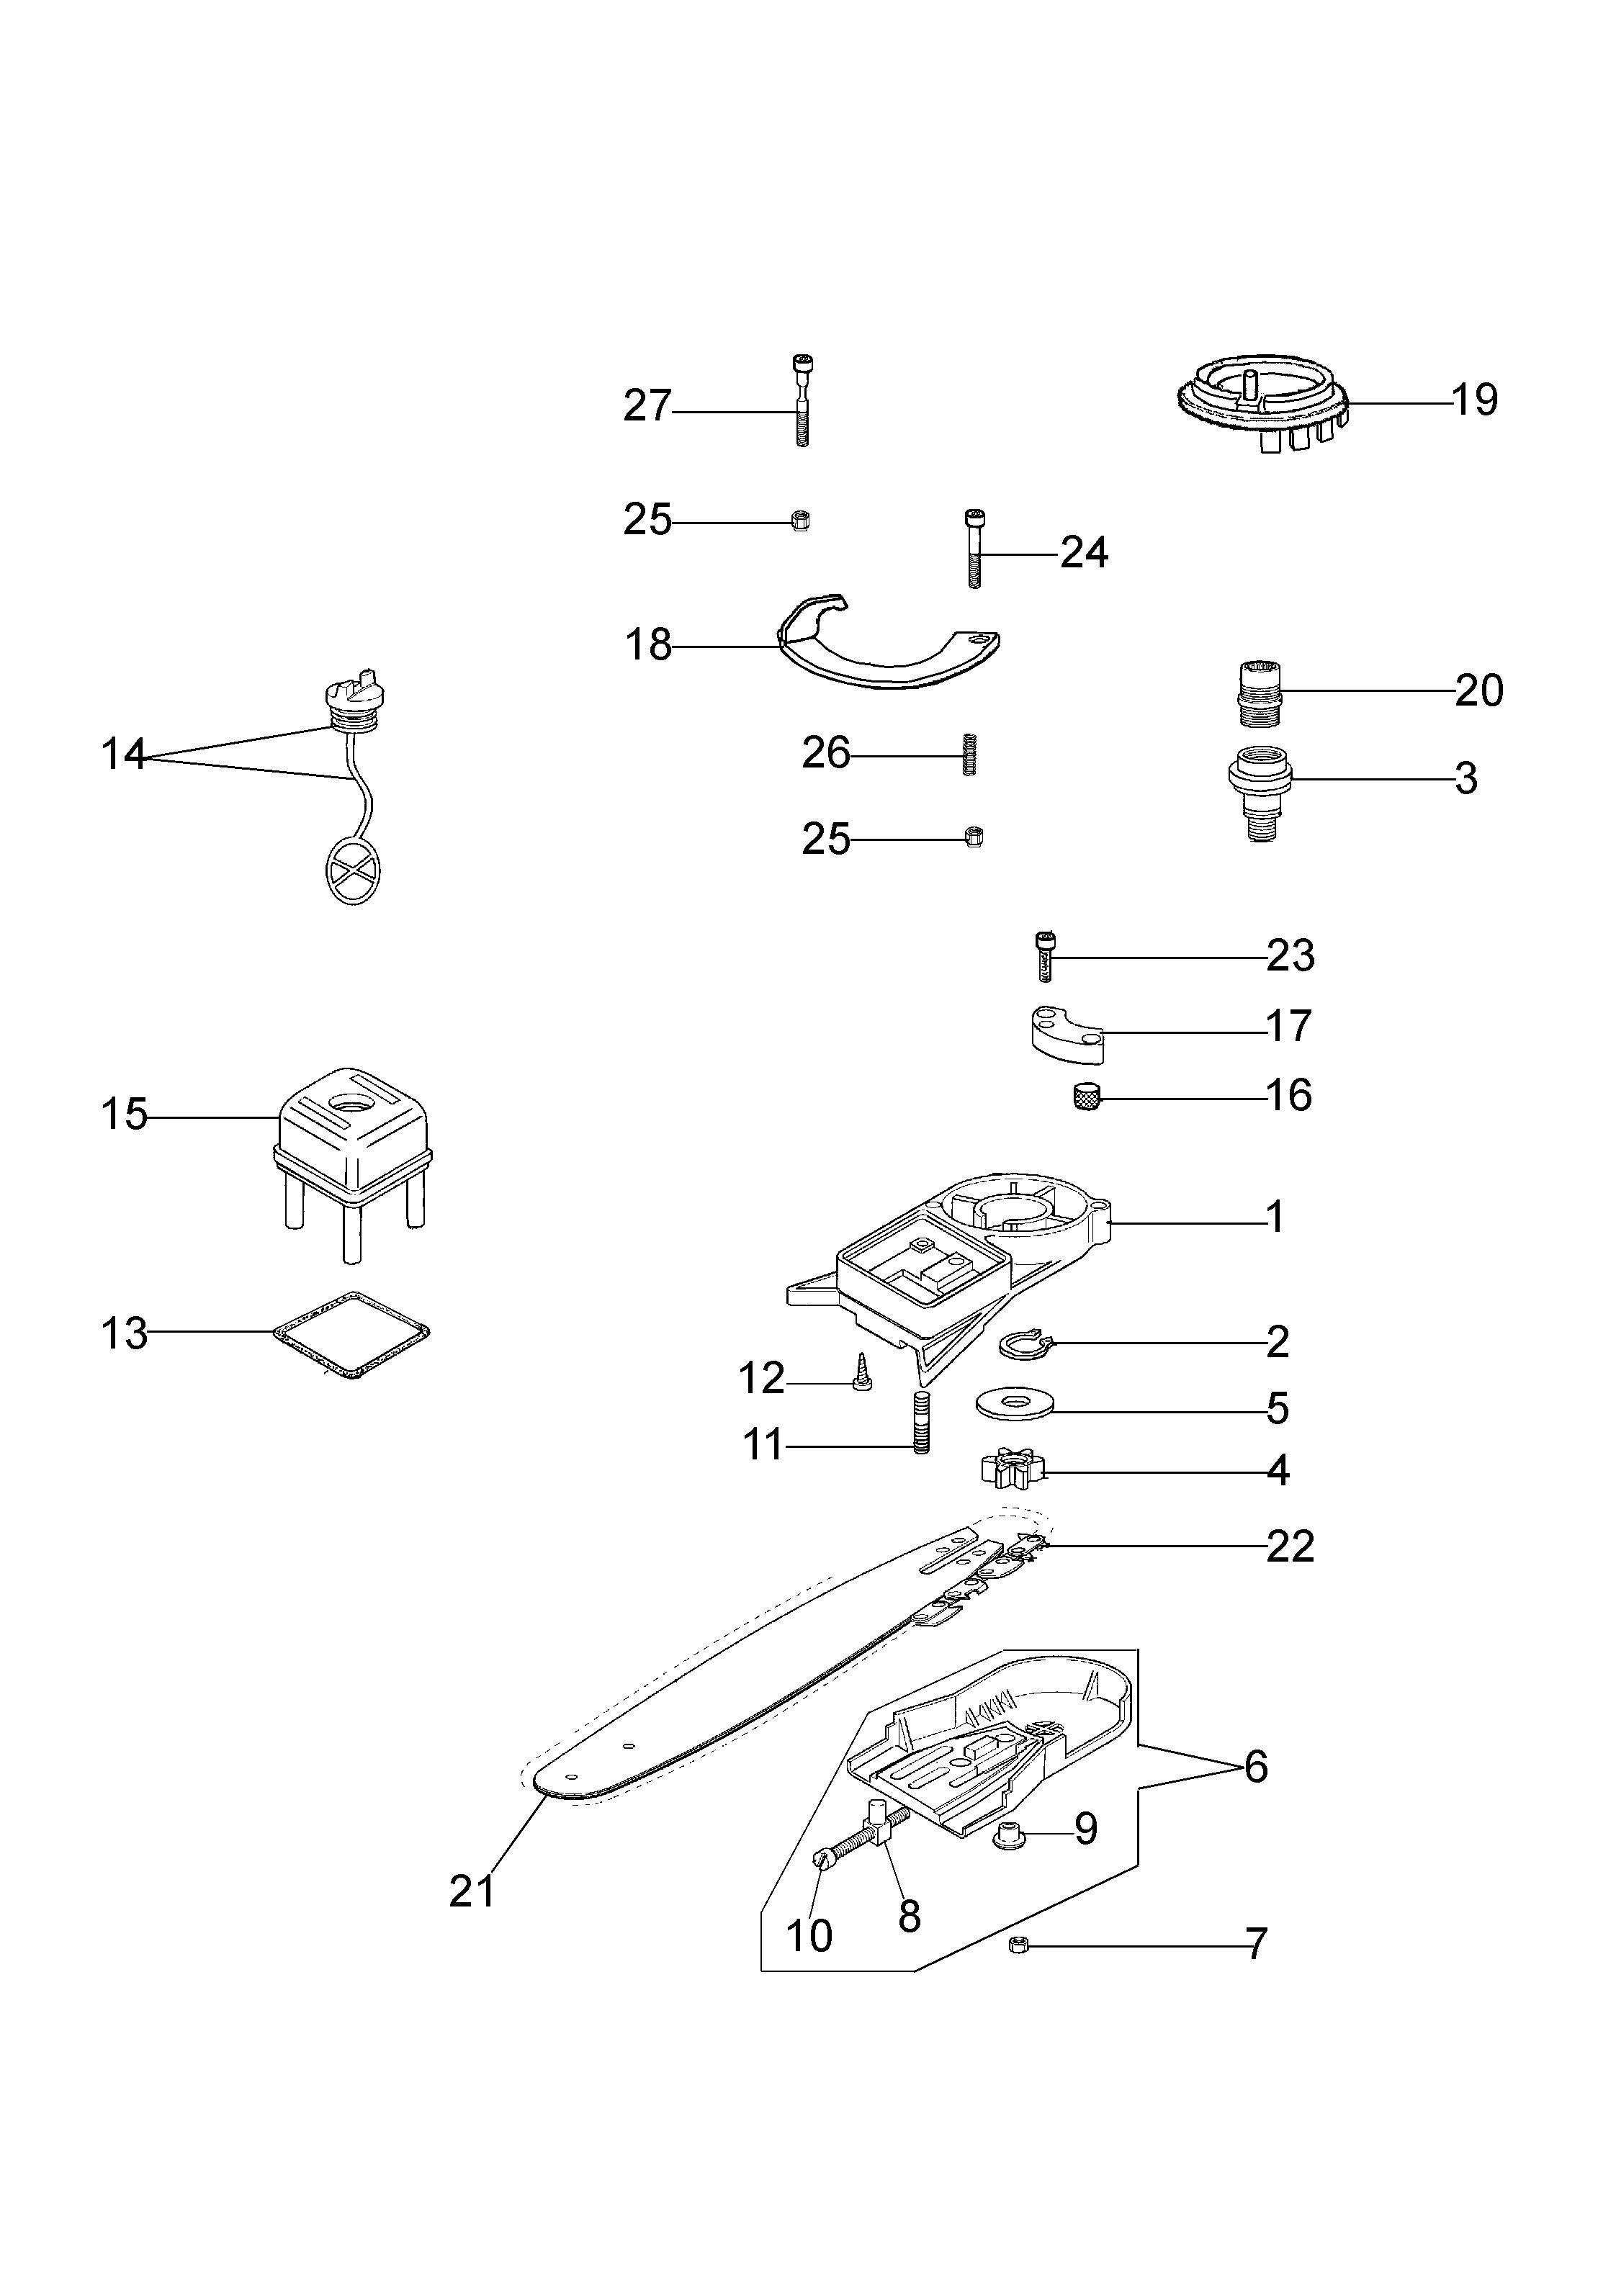 EP 90 Accessoire pruner OLEOMAC vue éclatée Dessins pièces -  Vue éclatée complète